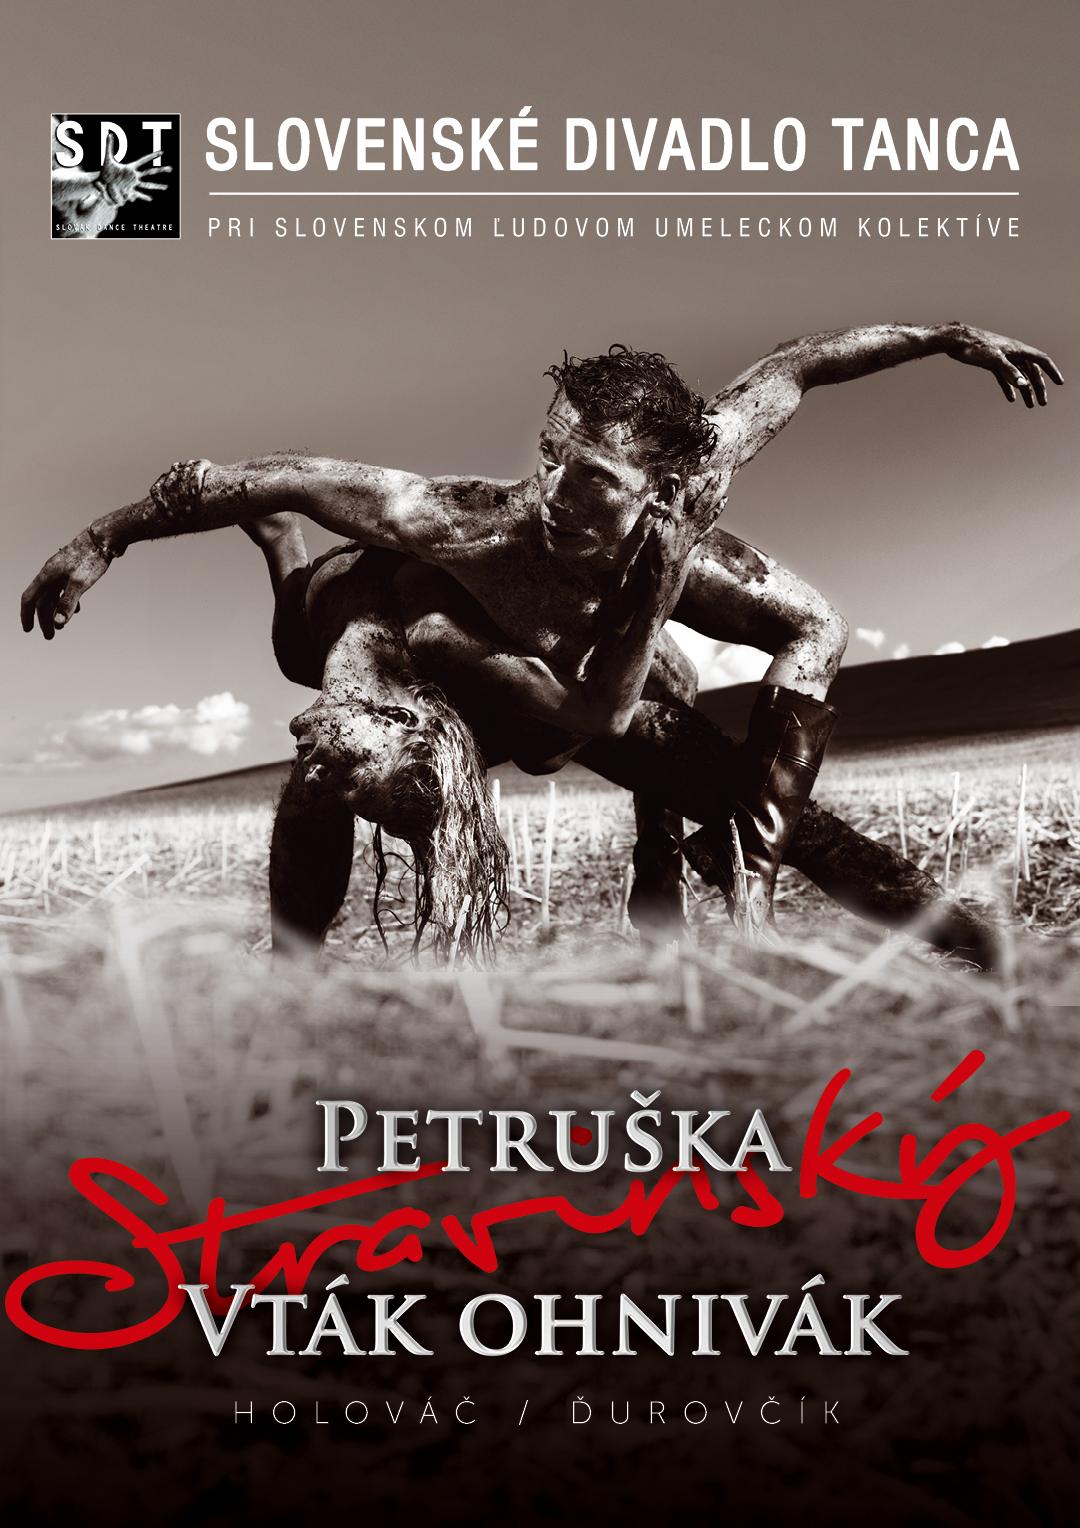 picture Petruška/Vták ohnivák